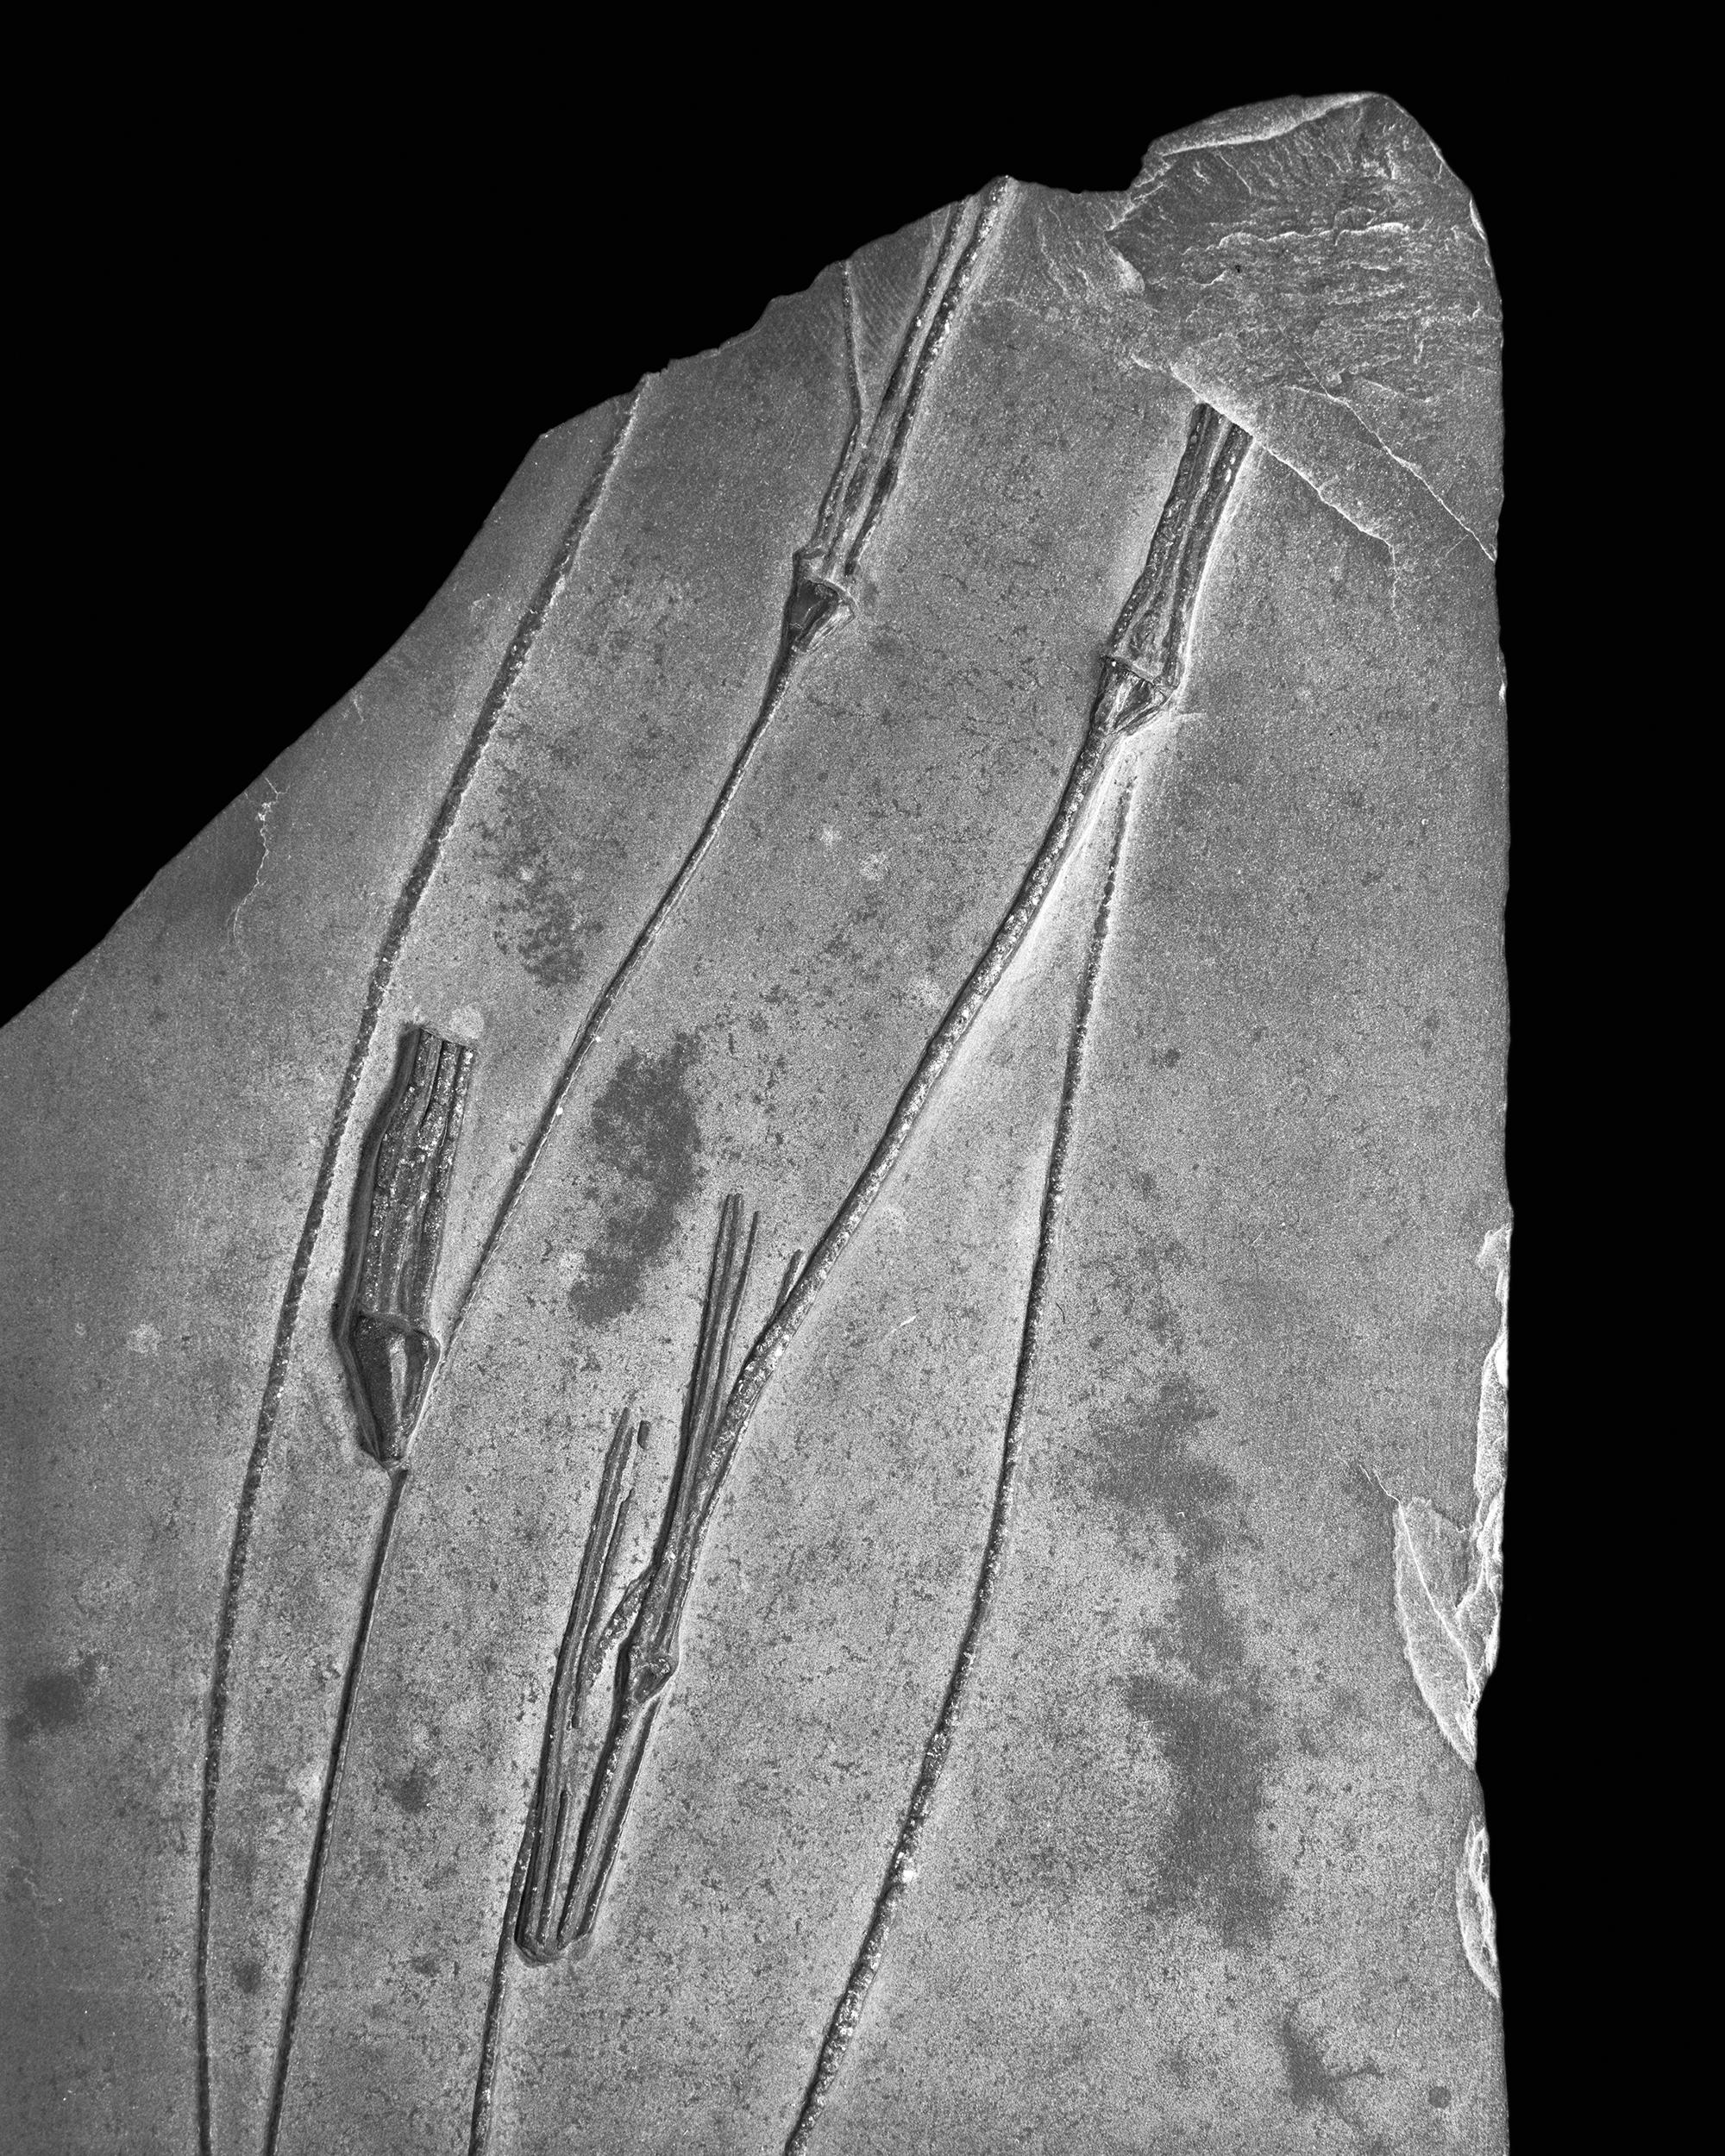 Triacrinus elongatus, Follmann, Unter-Devon, Gemüden